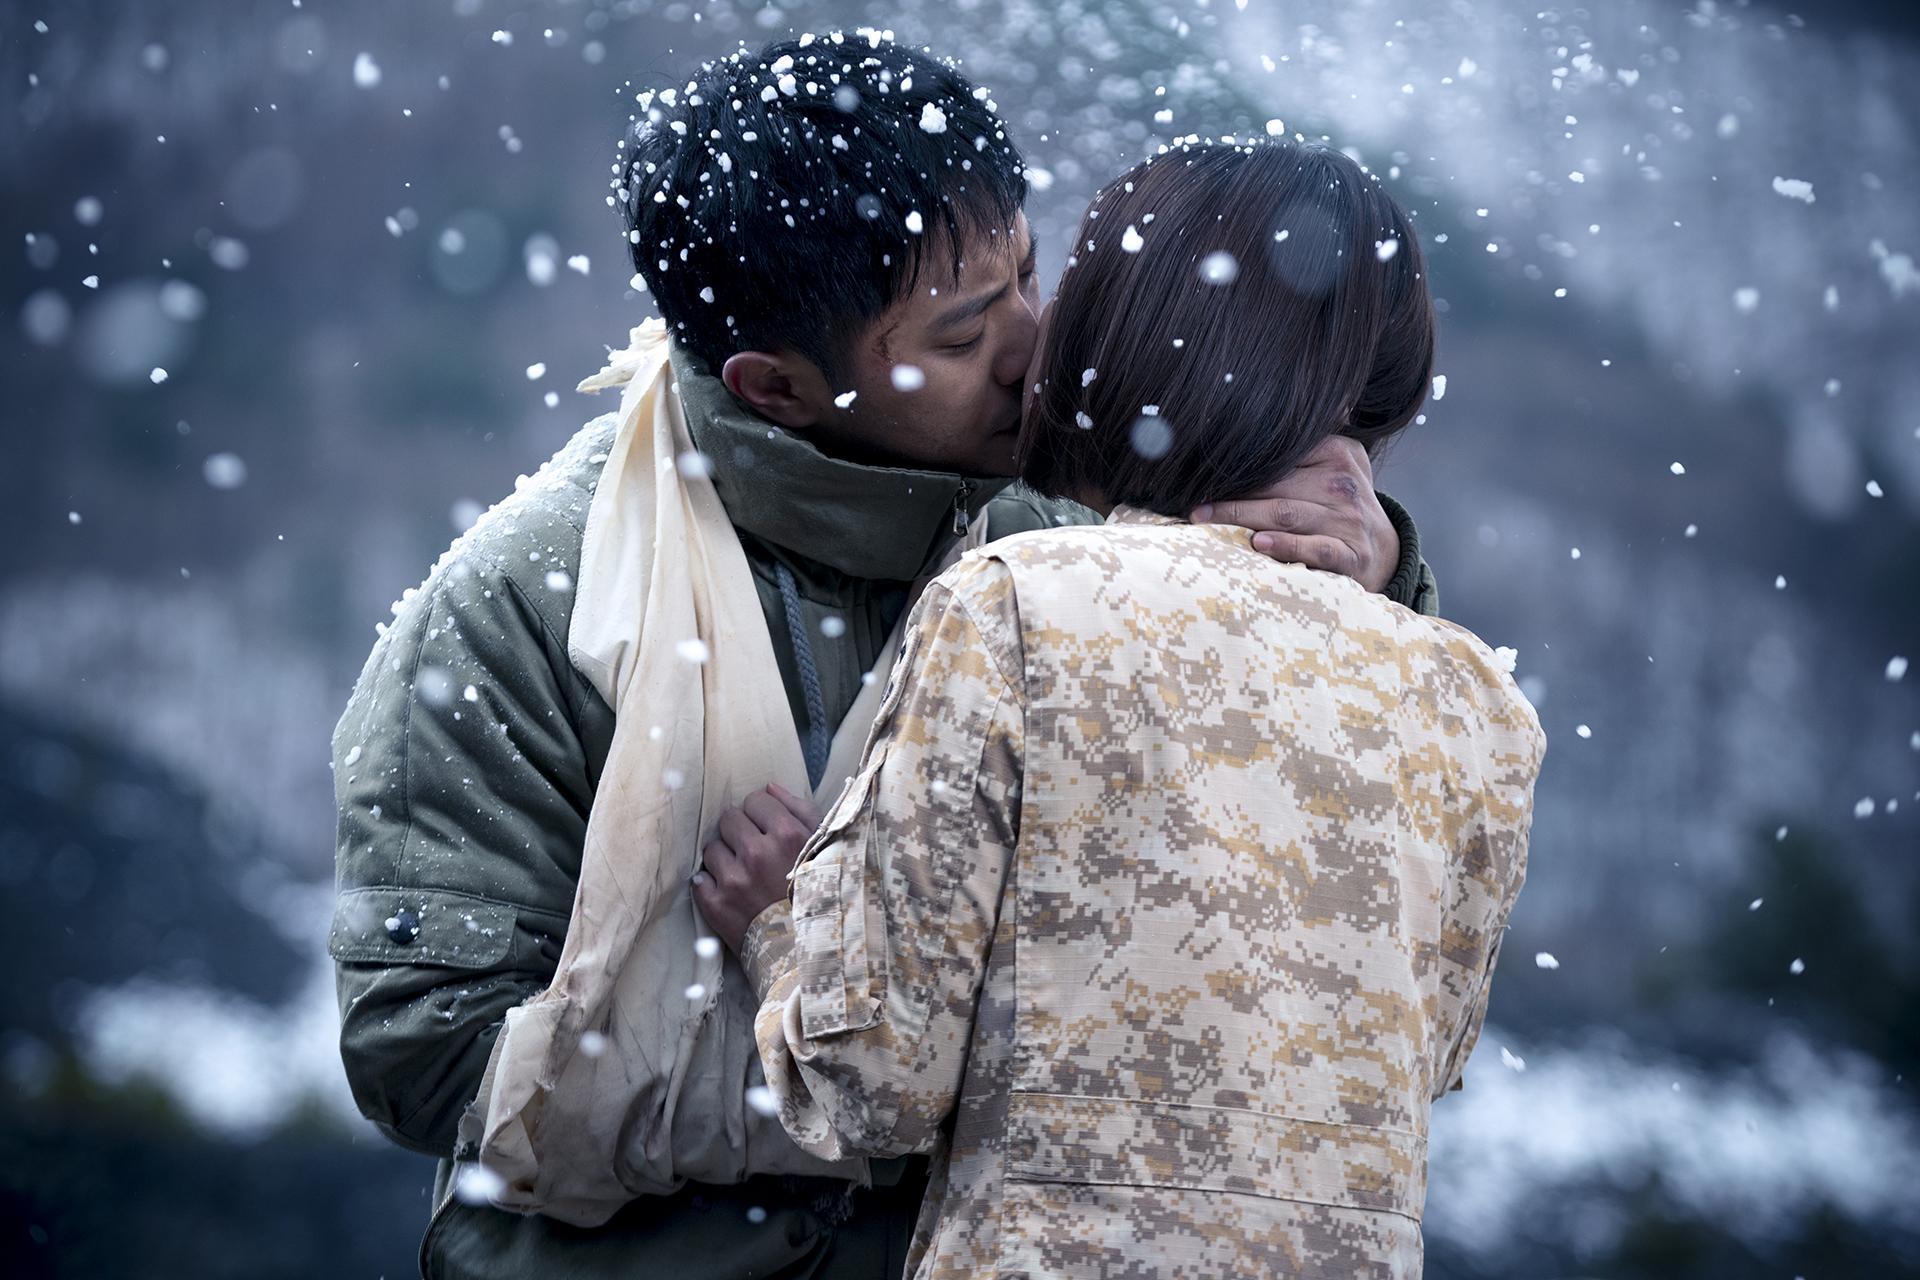 Hình ảnh tình yêu lãng mạn hôn nhau giữa trời tuyết rơi